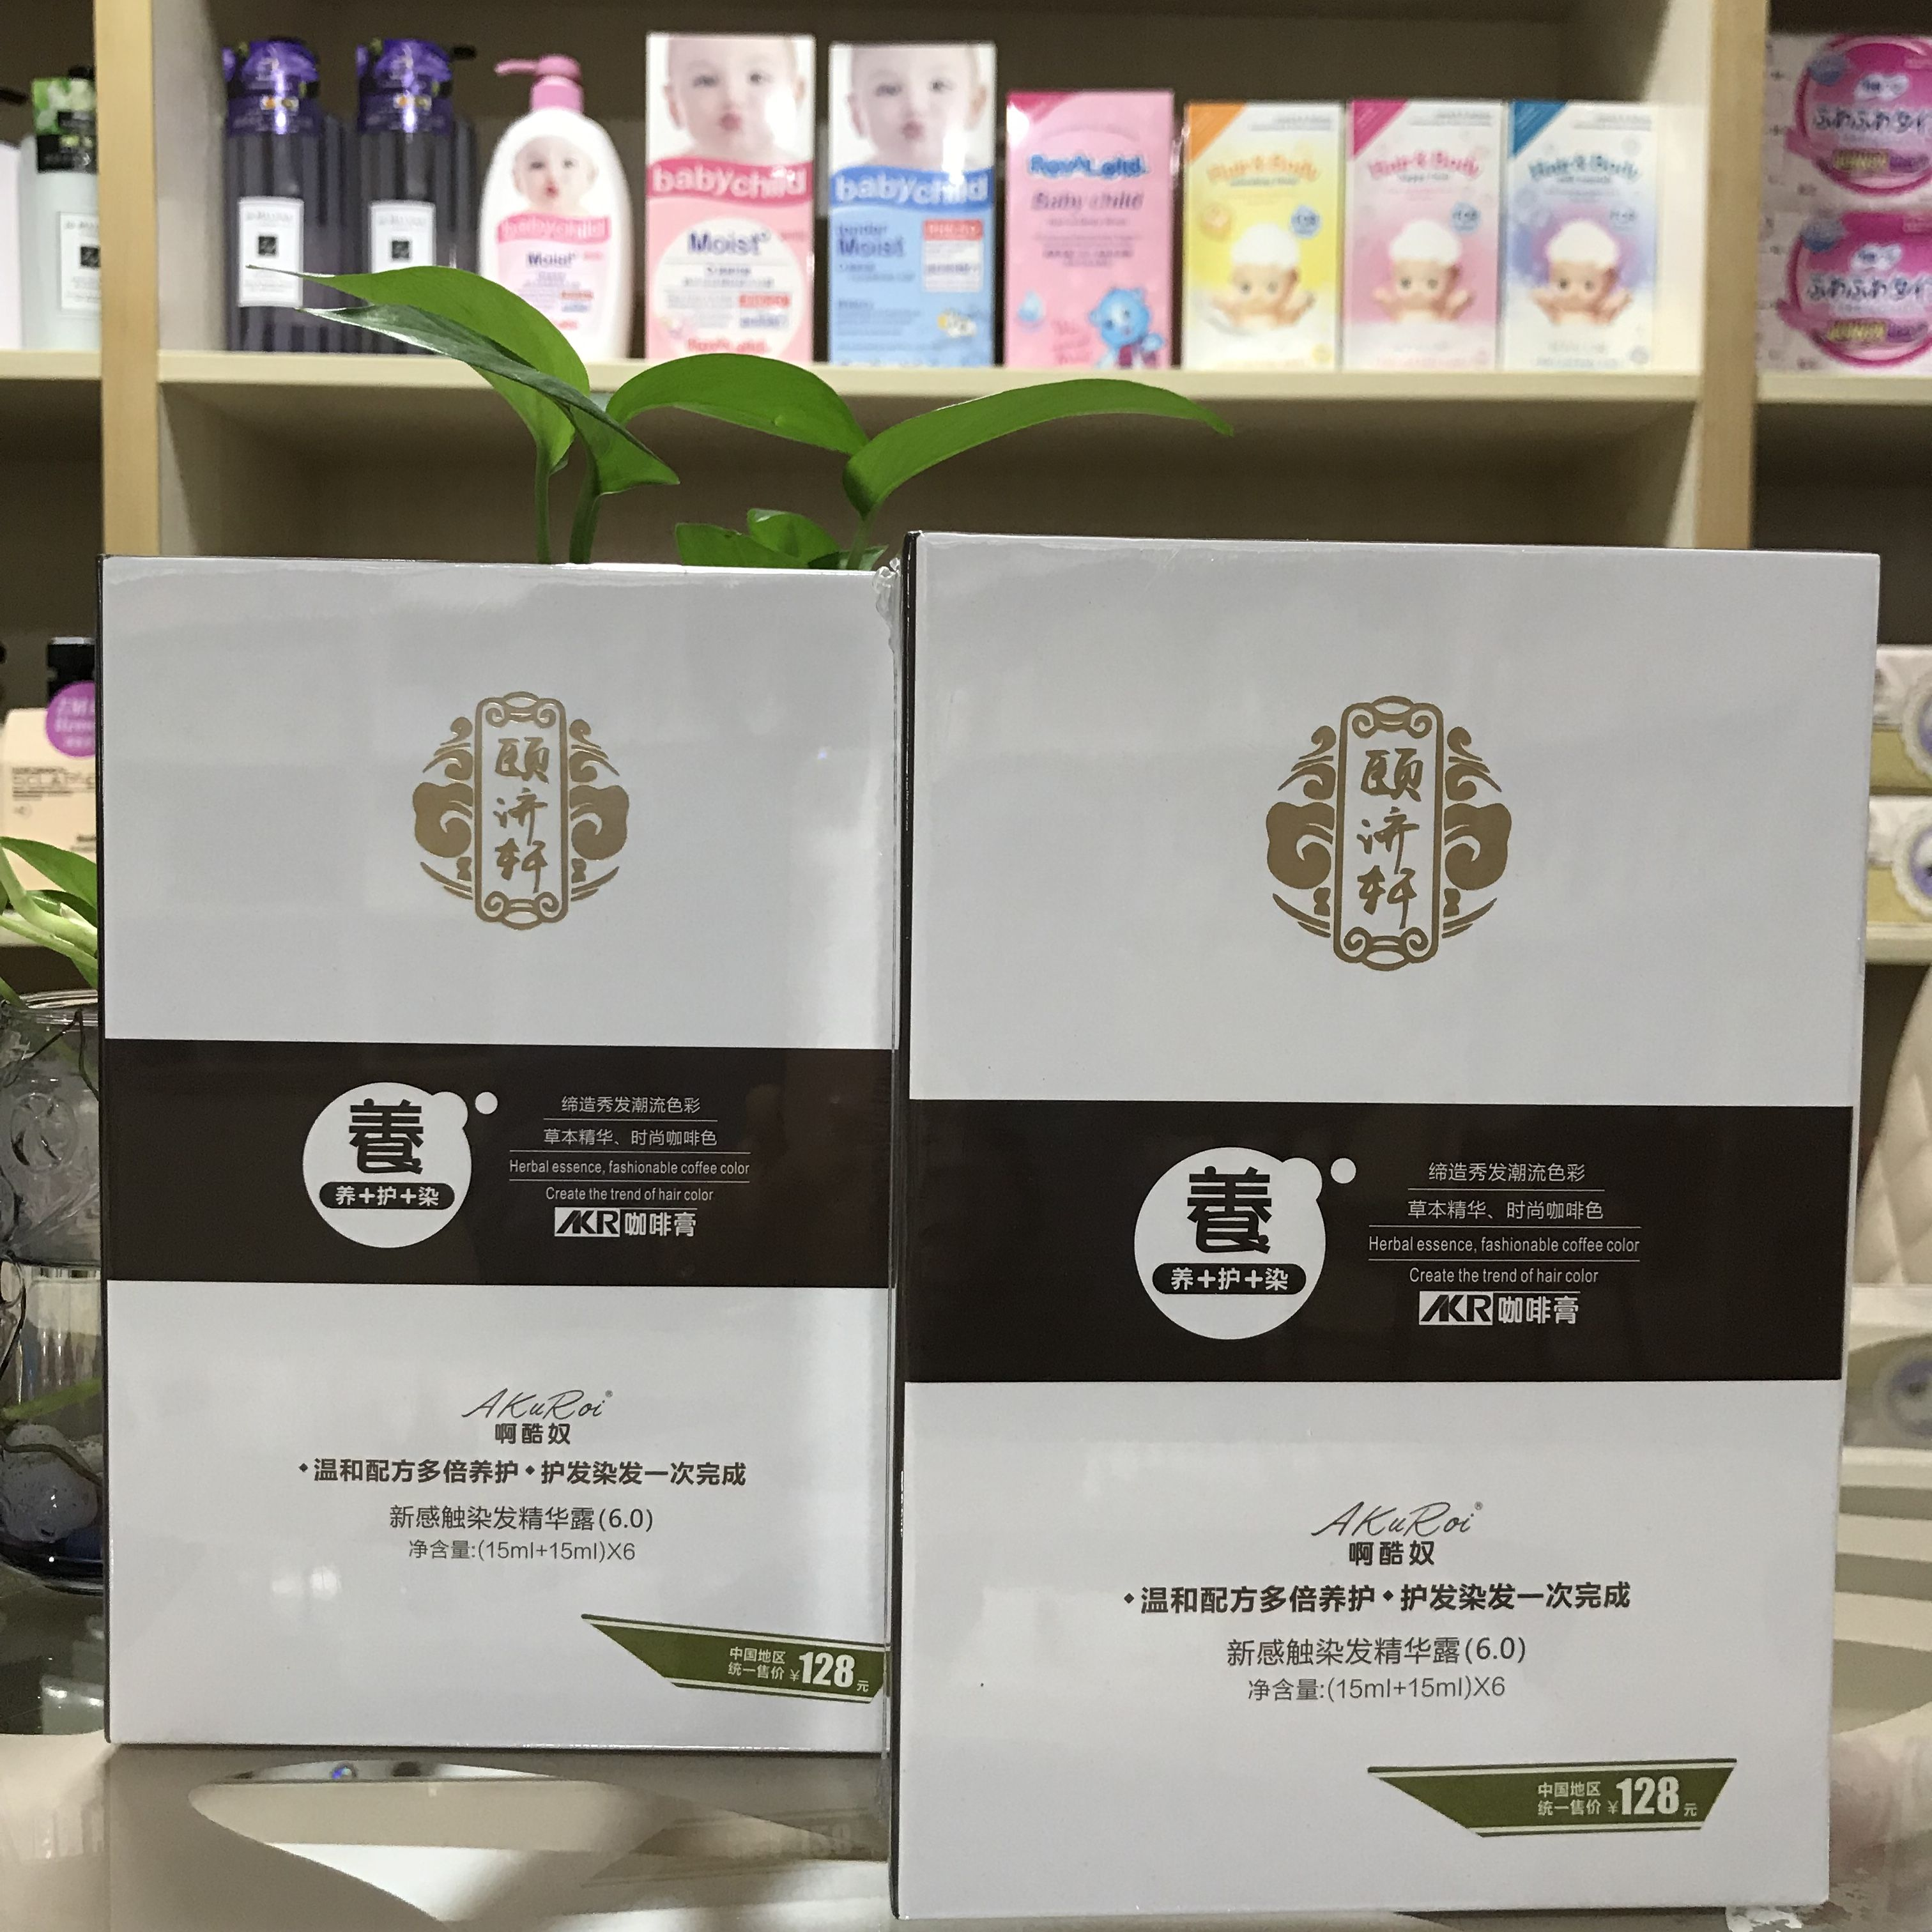 深圳颐济15ml6包轩天然竹炭养乌黑亮泽黑发膏缔造秀发潮流色彩咖啡膏供应商